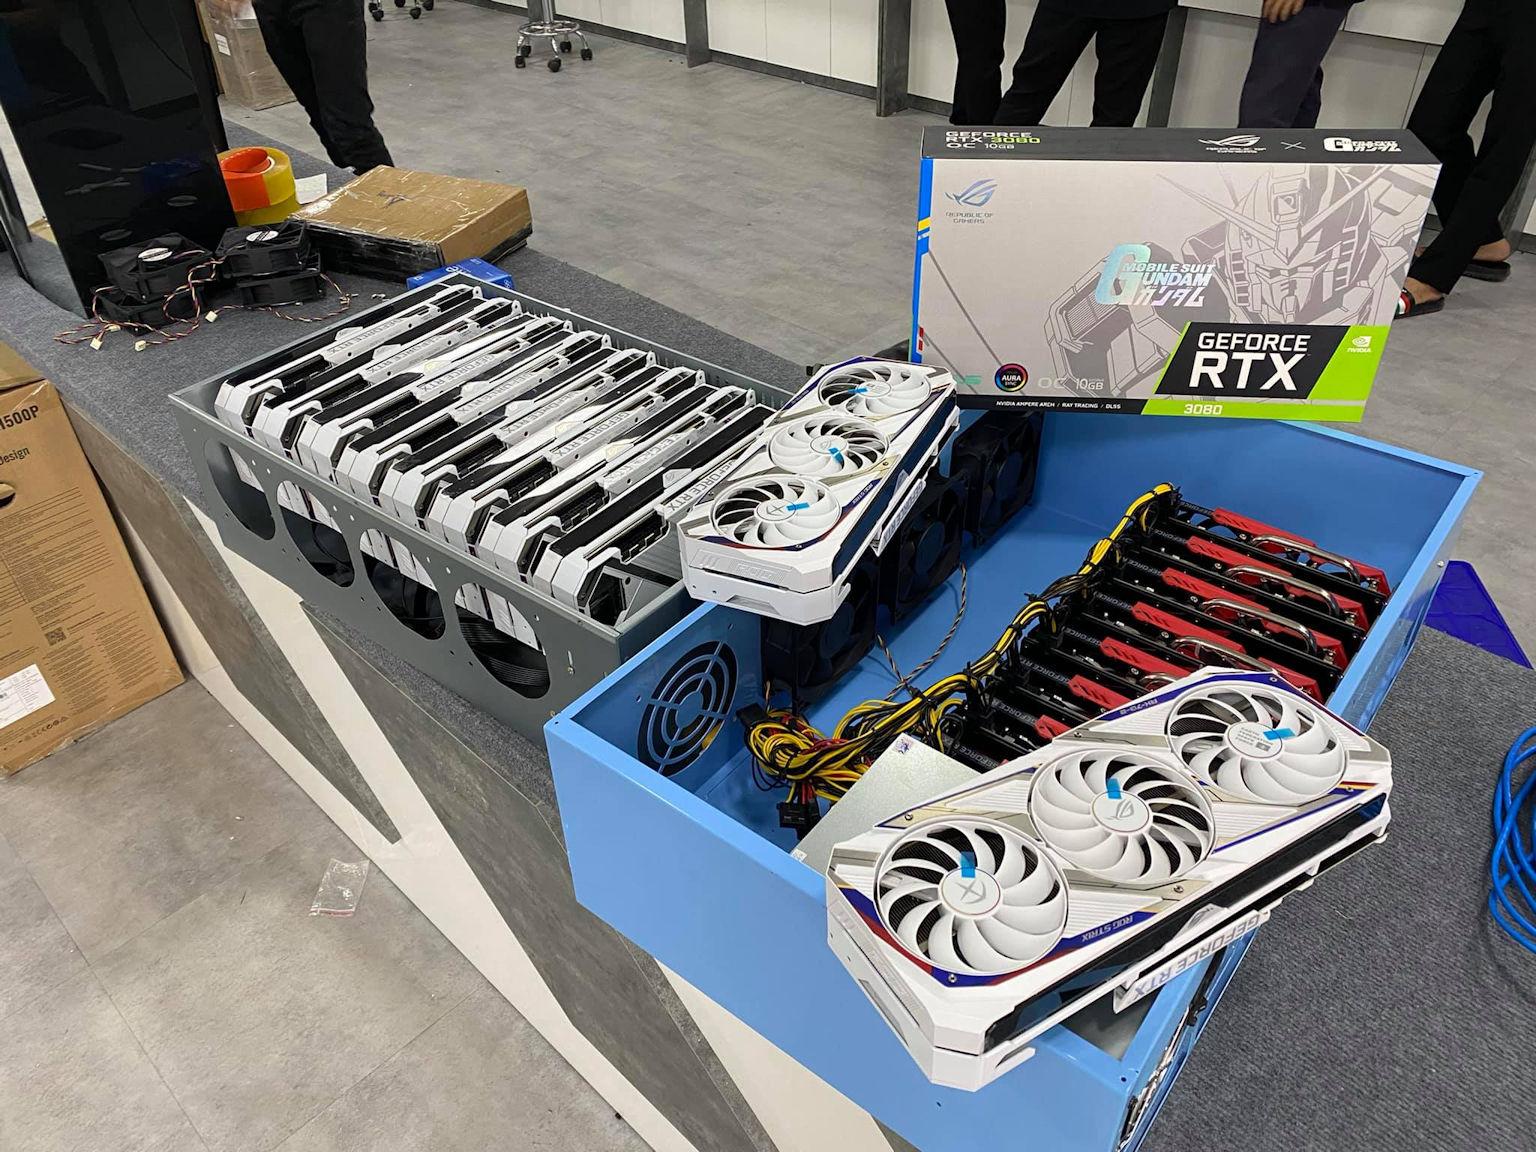 RTX 3080 GUNDAM Edition